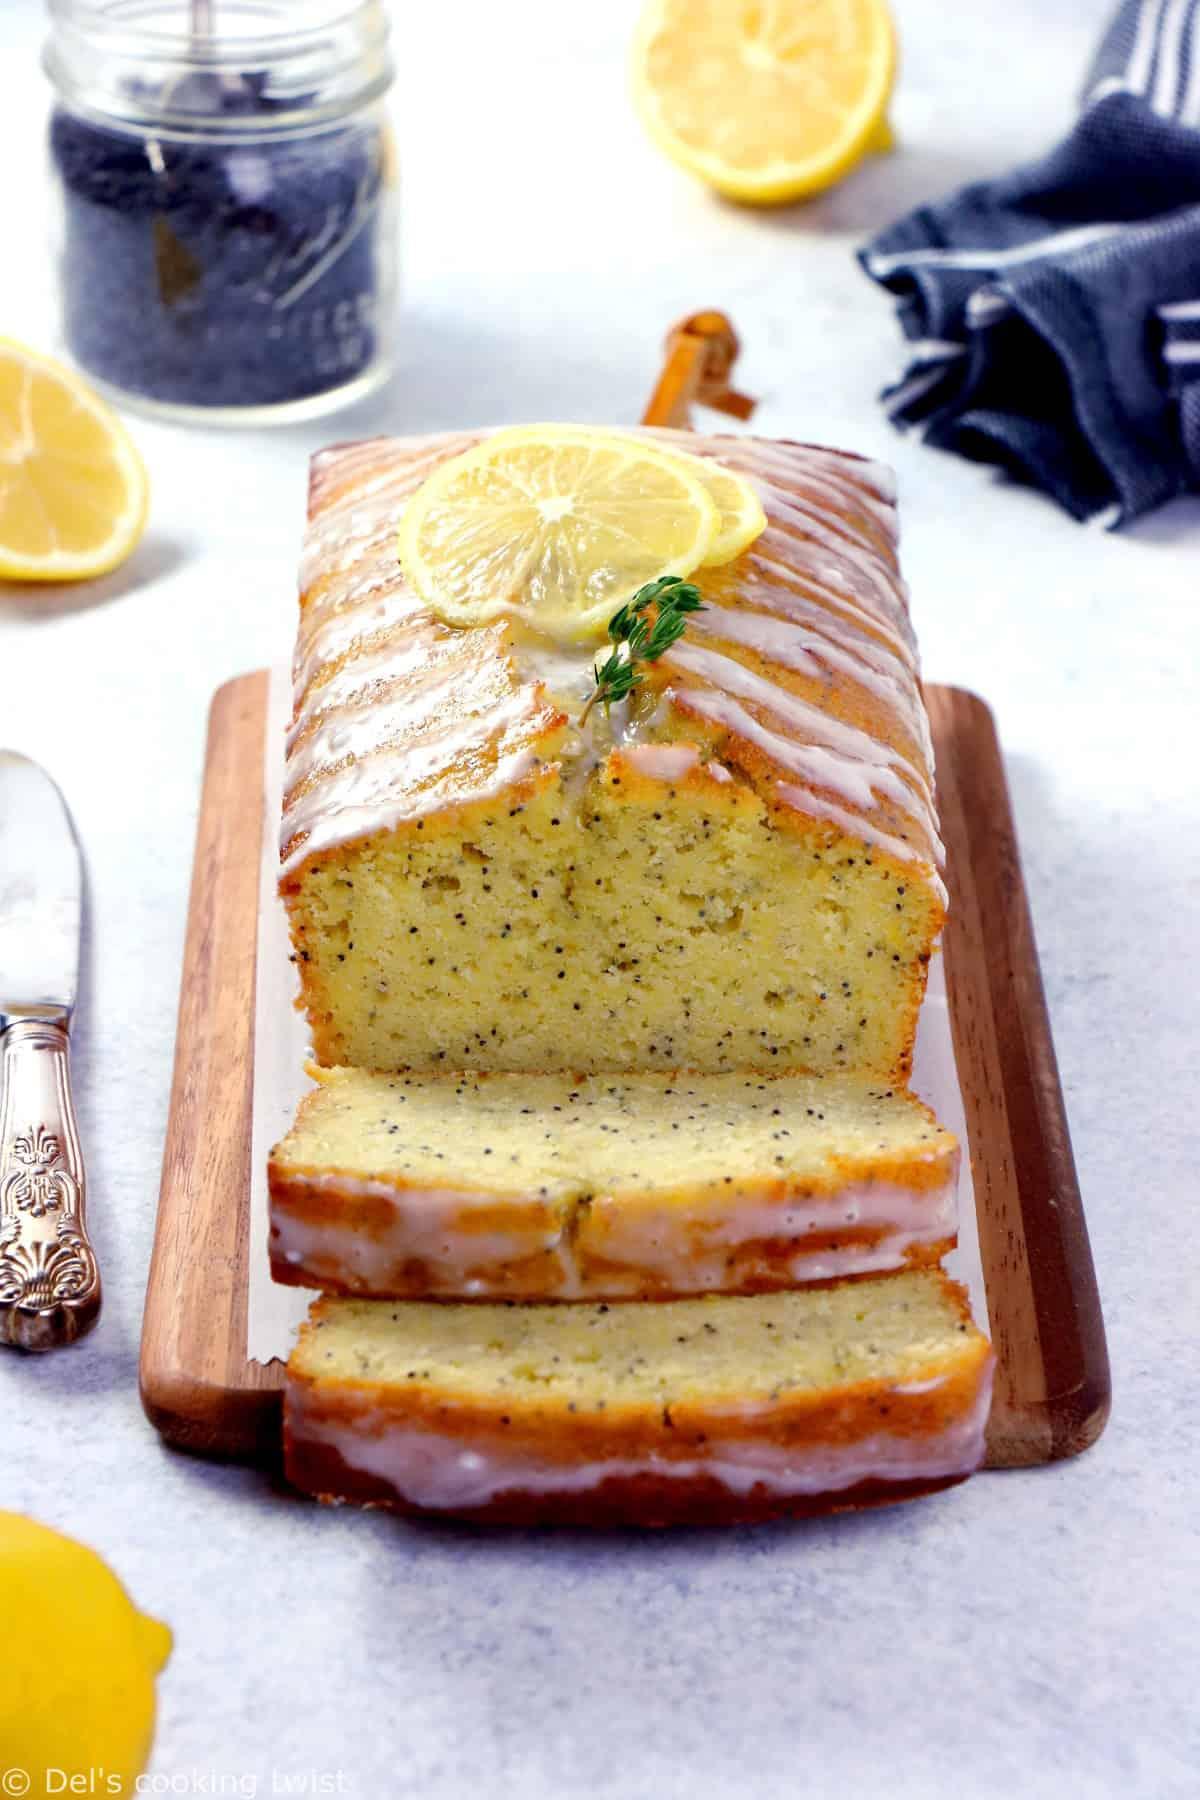 Succombez sans plus attendre au moelleux irrésistible de ce cake au citron et graines de pavot. Facile et rapide à réaliser, il fera le bonheur de vos goûters, desserts et petits déjeuners.